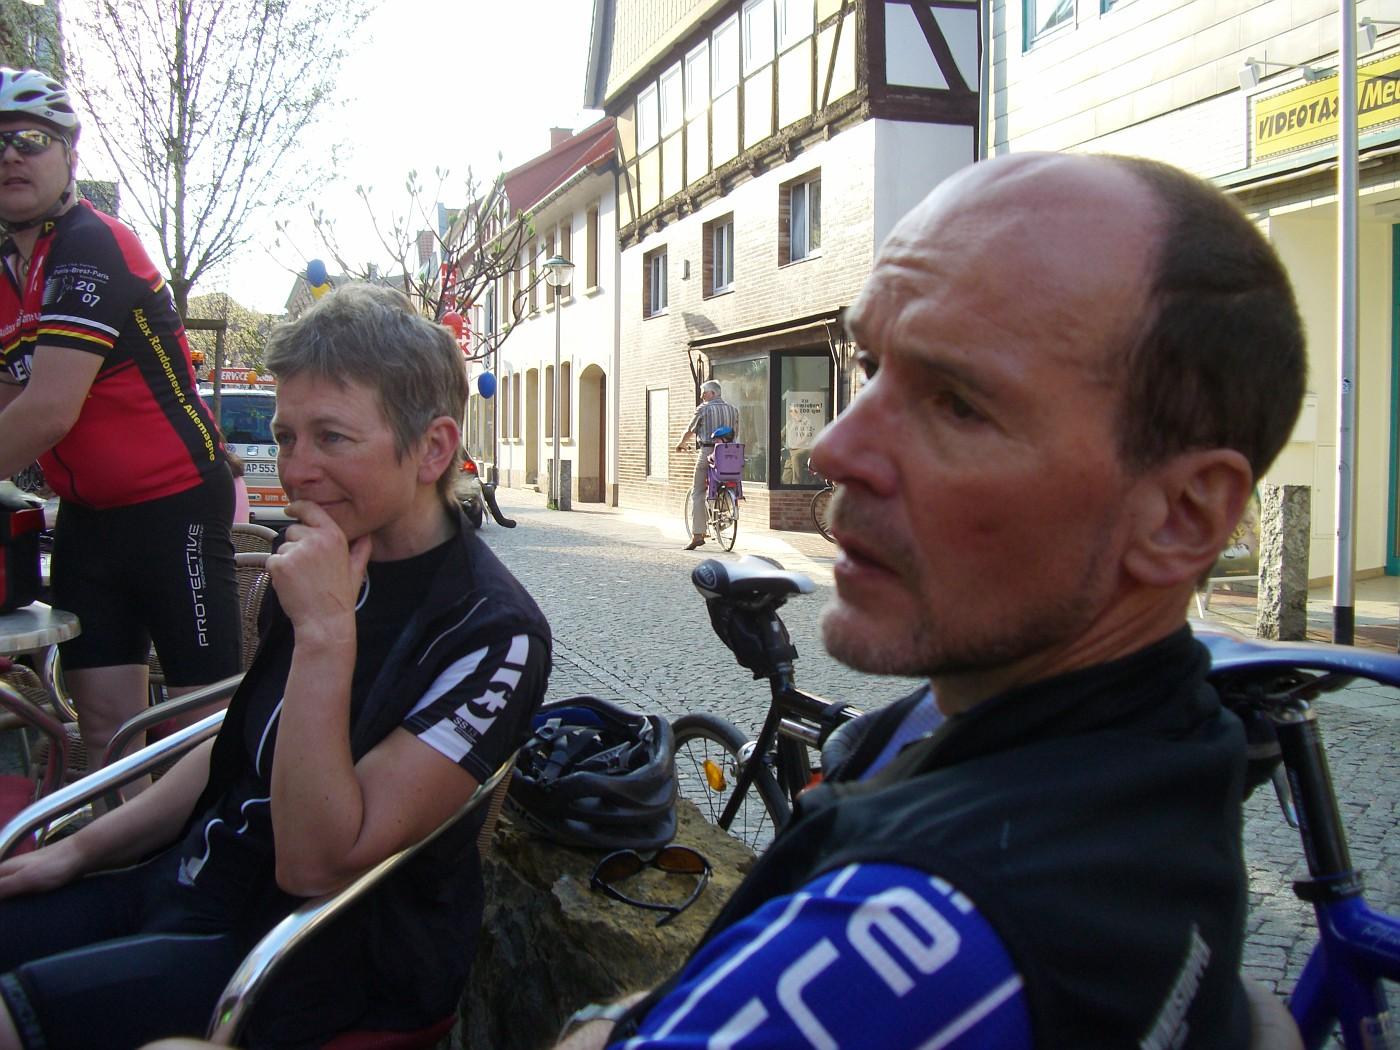 200km Brevet 2009